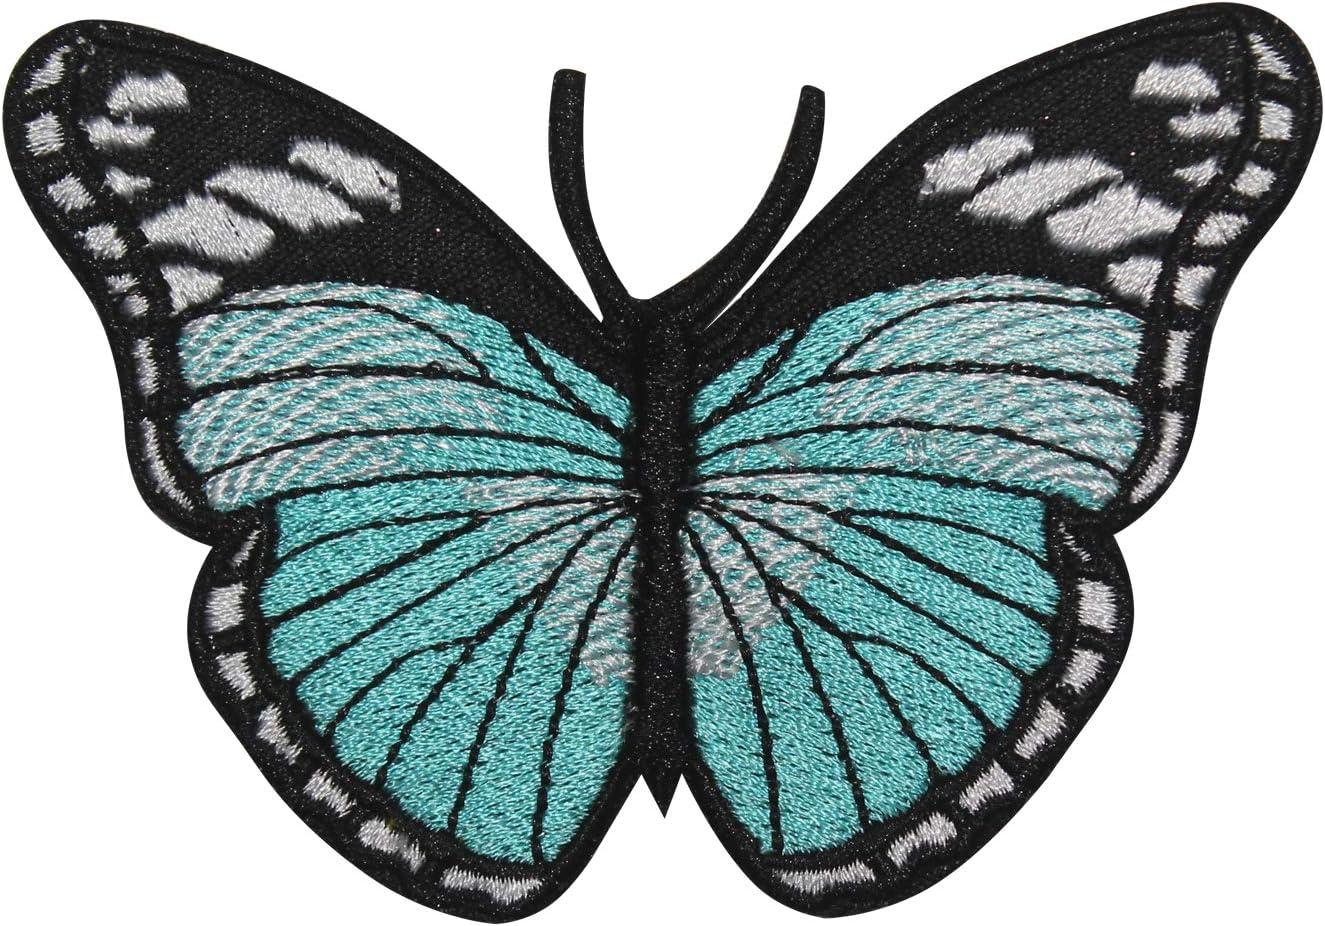 Farfalla Reale Aqua Motivo REAL EMPIRE Toppa Ricamata da Cucire o Applicare con Ferro da Stiro